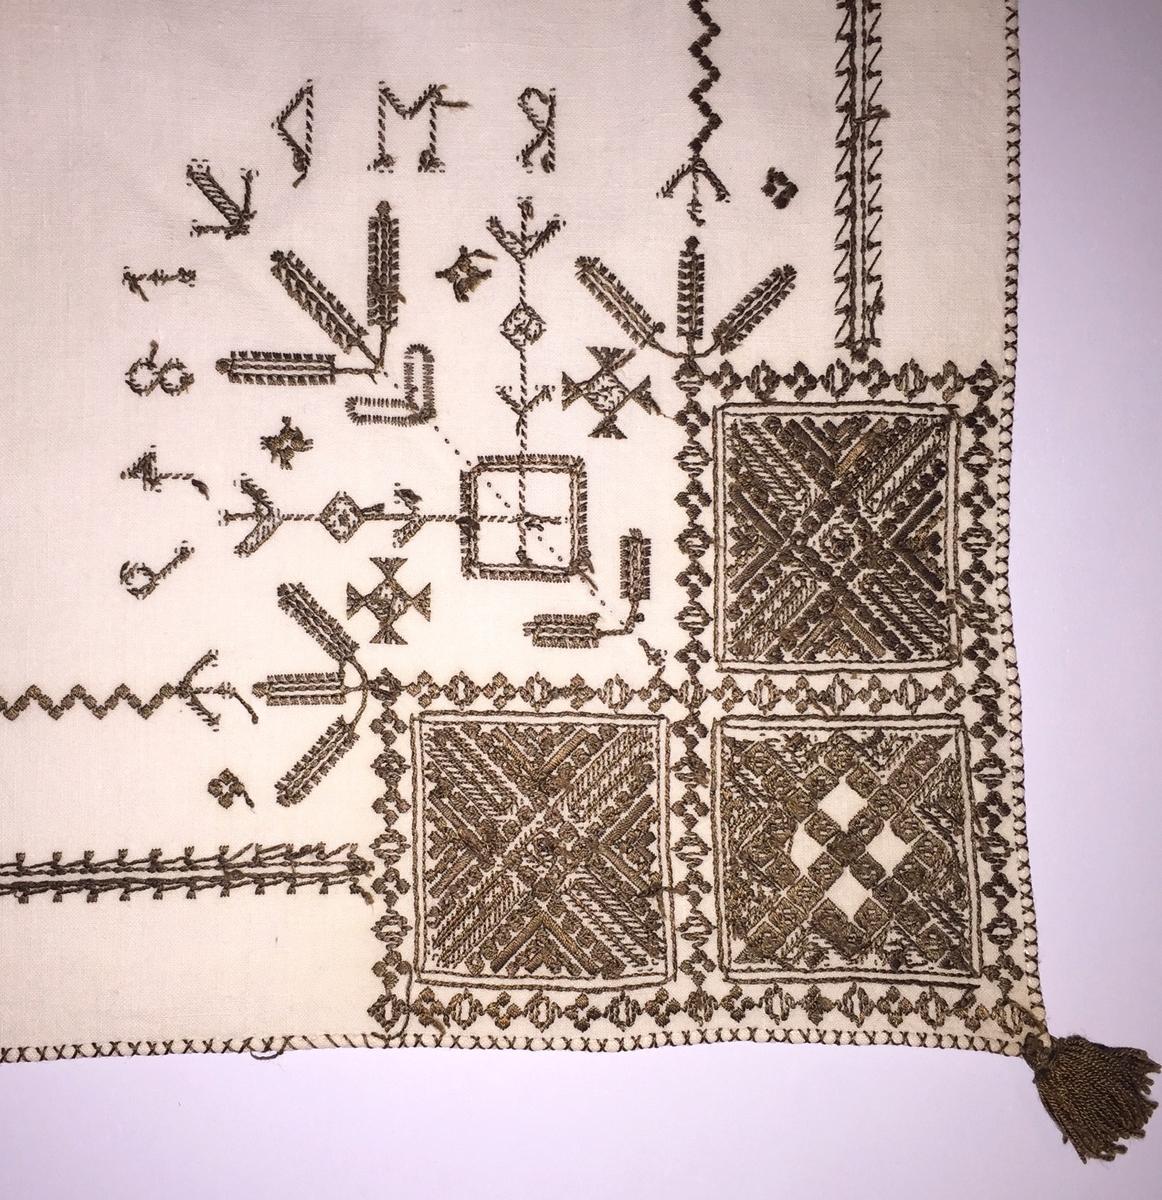 Geometriskt mönster i kvadrater i hörnen. Två bårder mellan kvadraterna på ryggsnibb och framsnibbar.  På ryggsnibben tre kvadrater och en  majstångsspira samt märkning med årtal och initialer. På varje framsnibb en kvadrat och en trekant. Nio  ortnament.